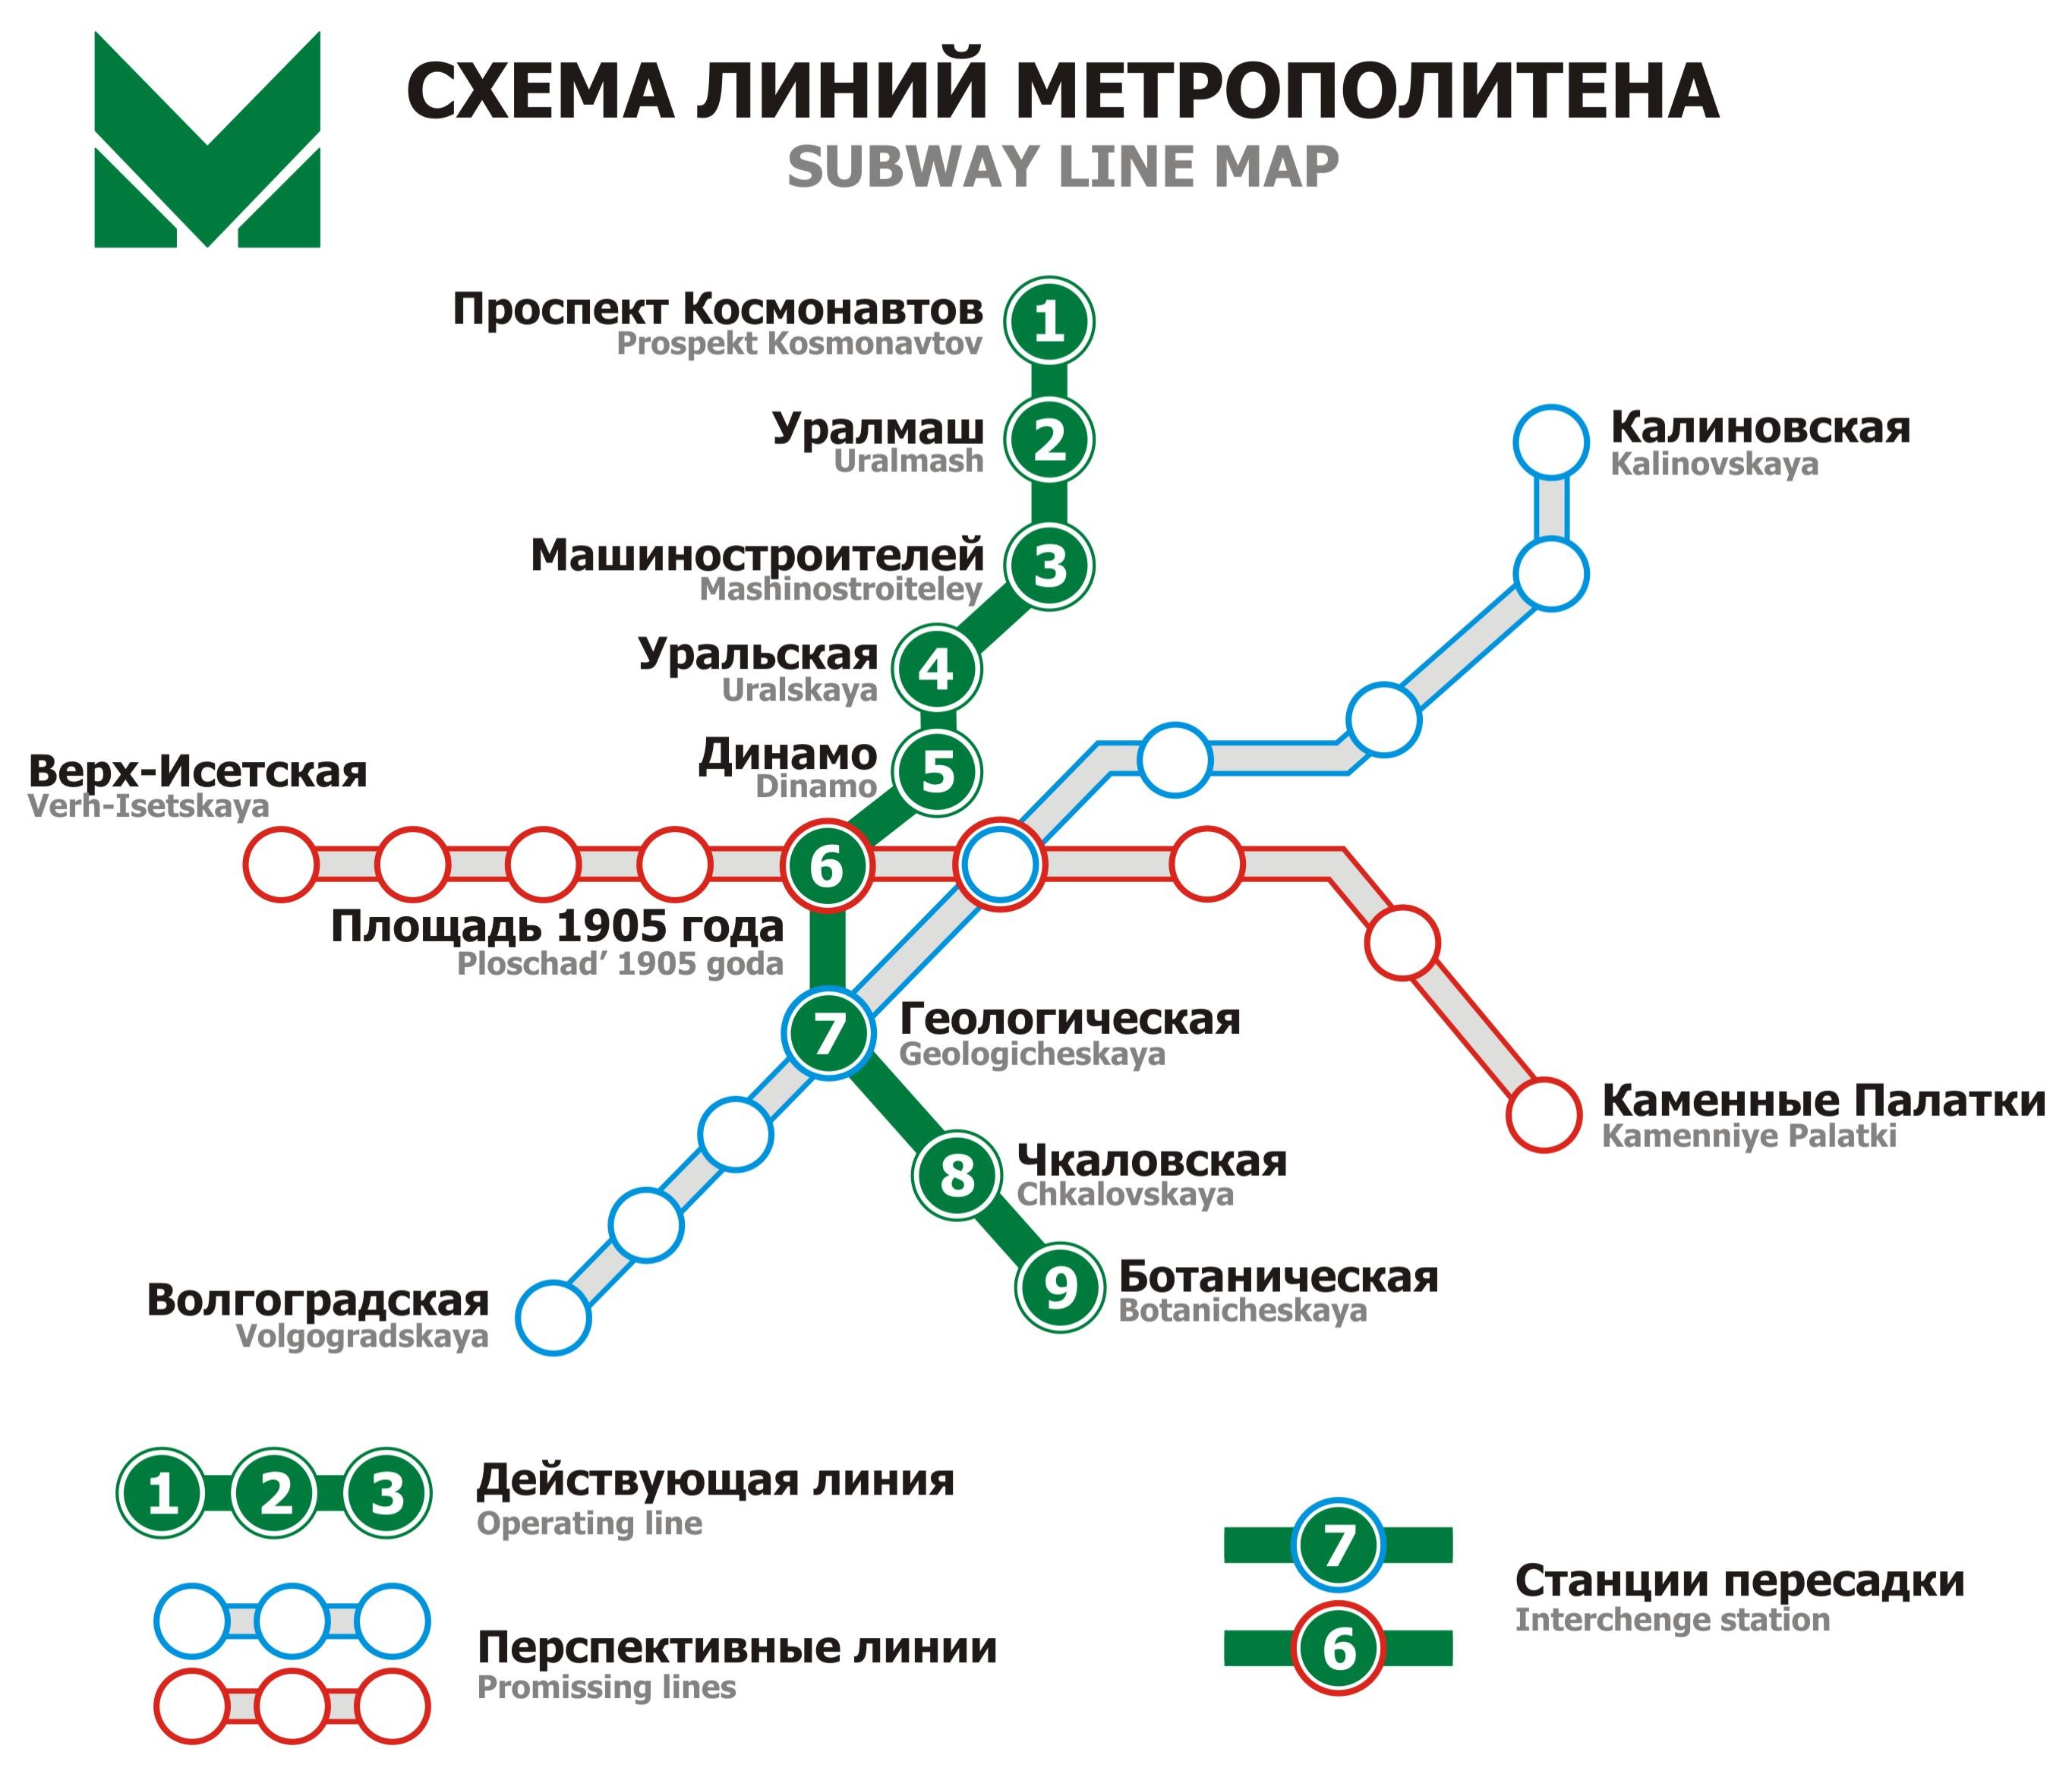 Метро новосибирск схема линий 2016 фото 317